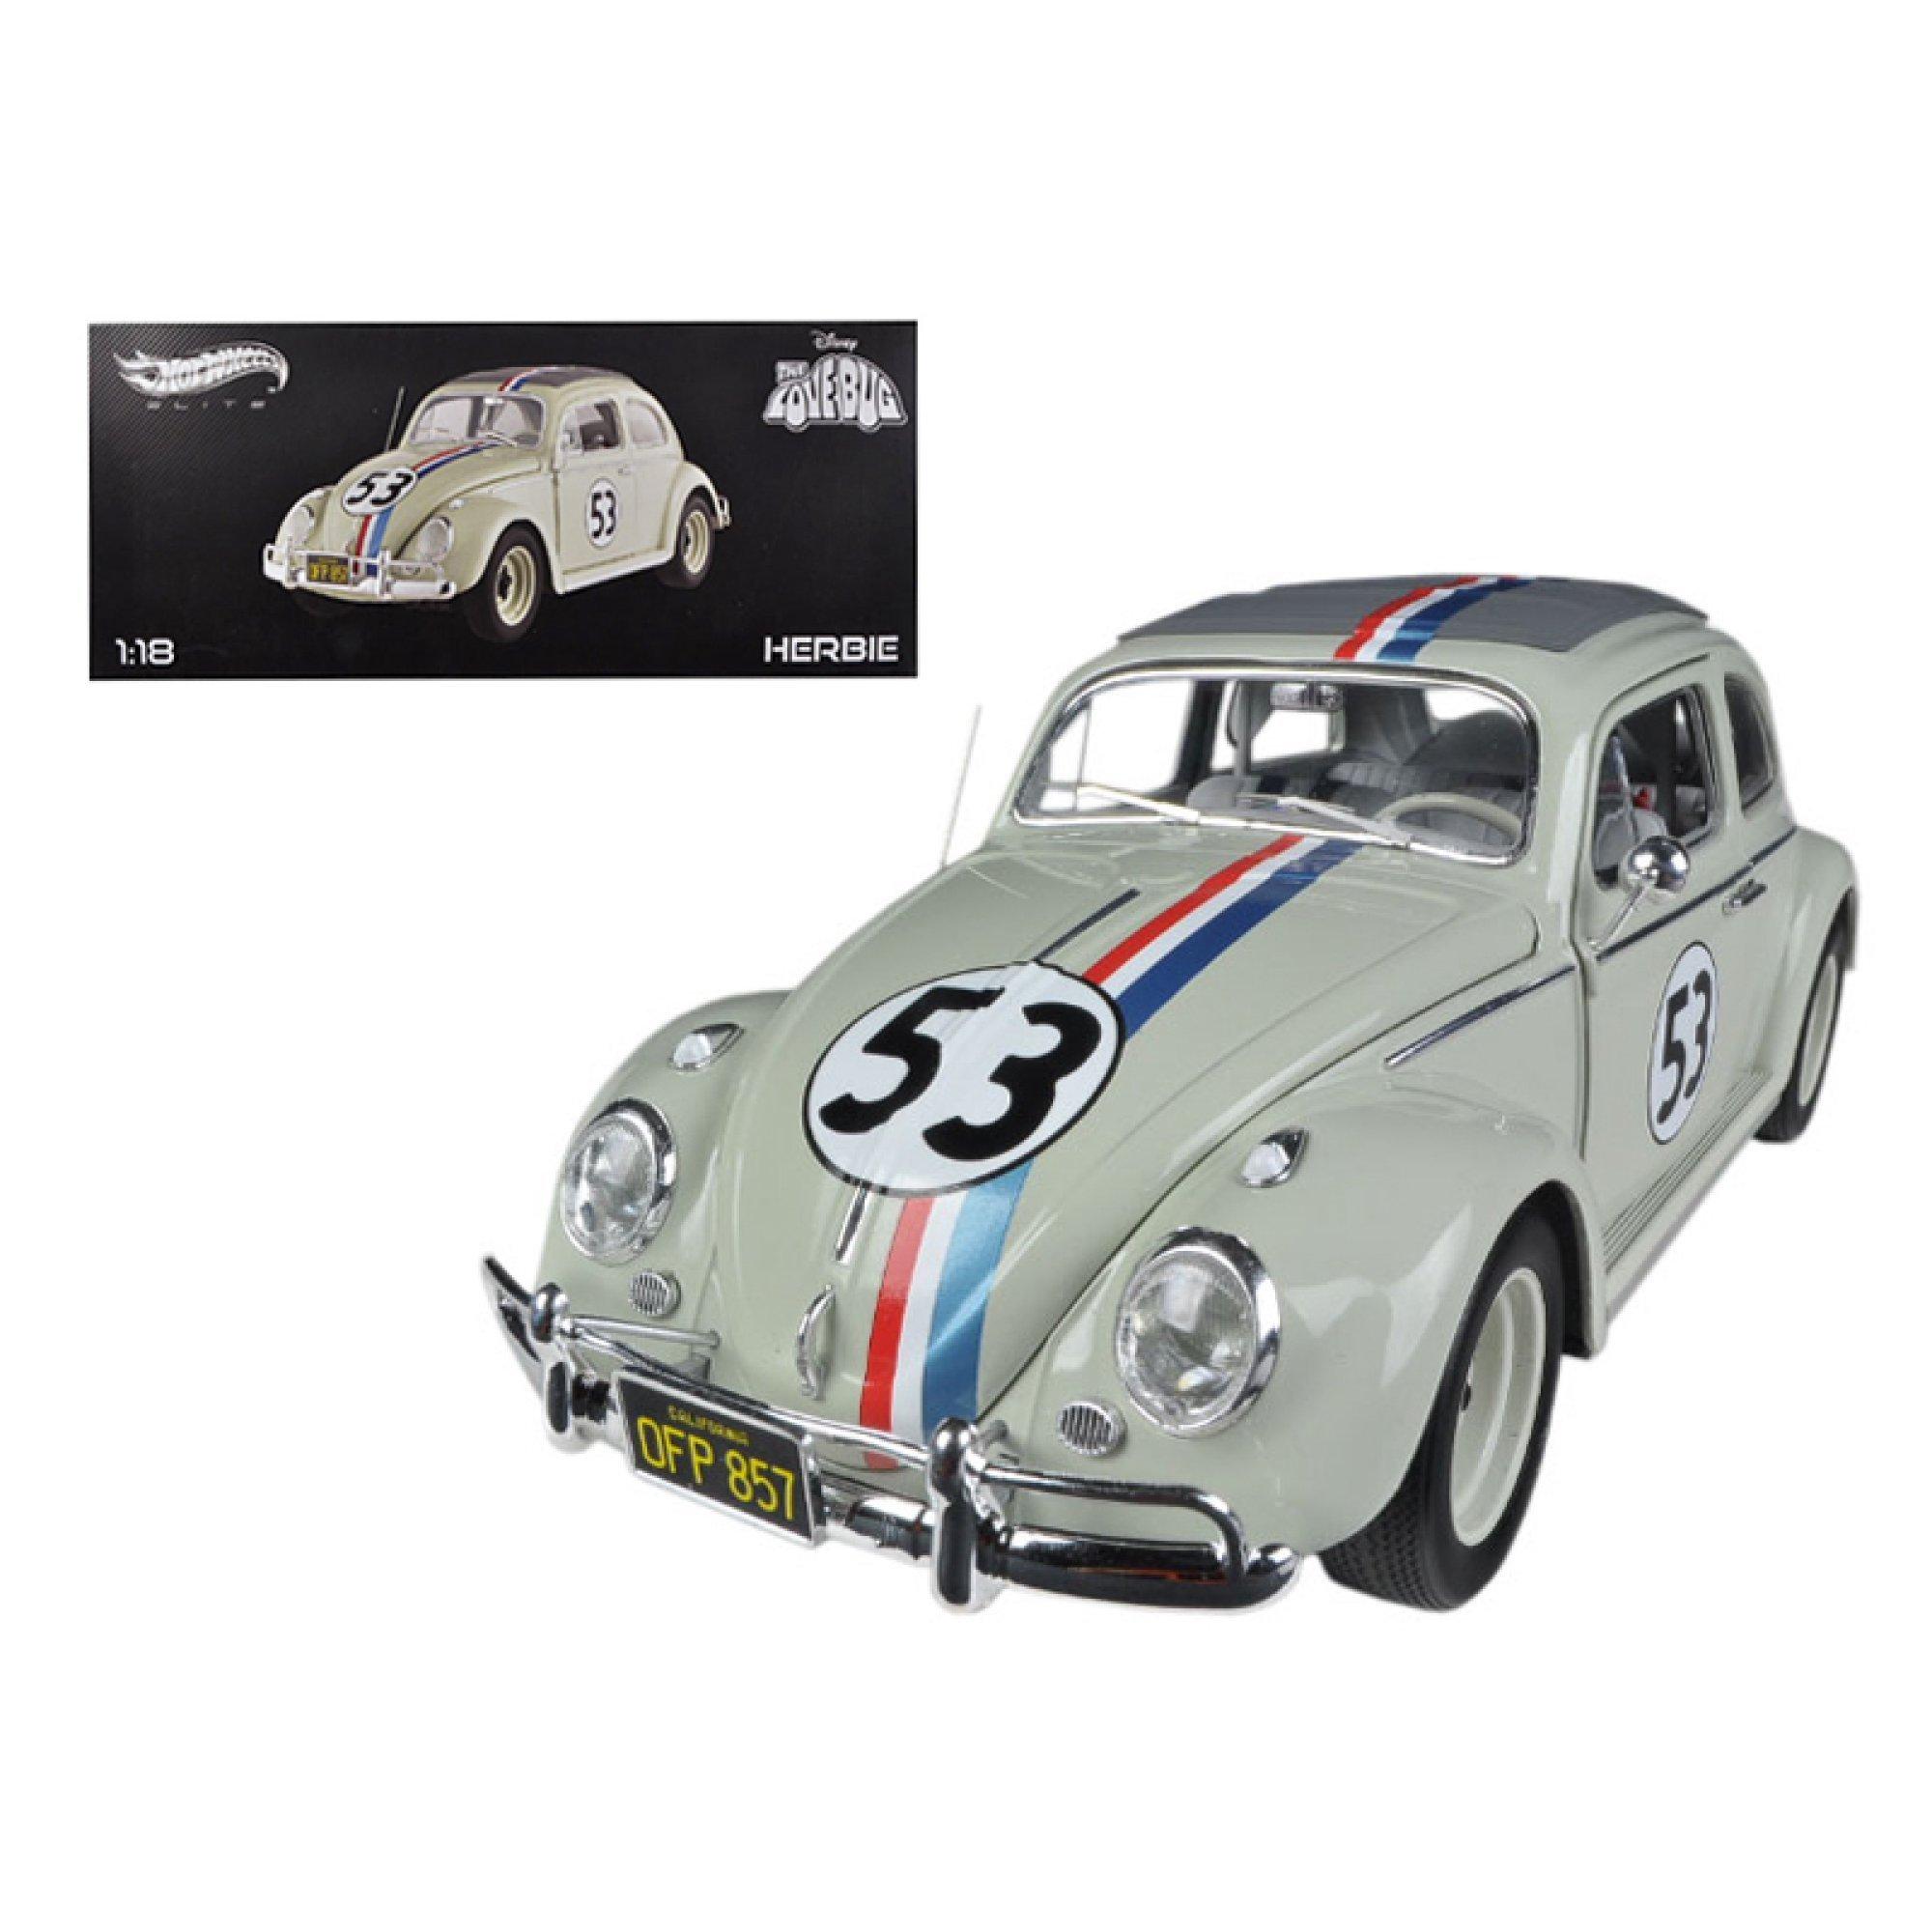 1963 Volkswagen Beetle The Love Bug'' Herbie #53 Elite Edition 1/18 Diecast Car Model by Hotwheels''